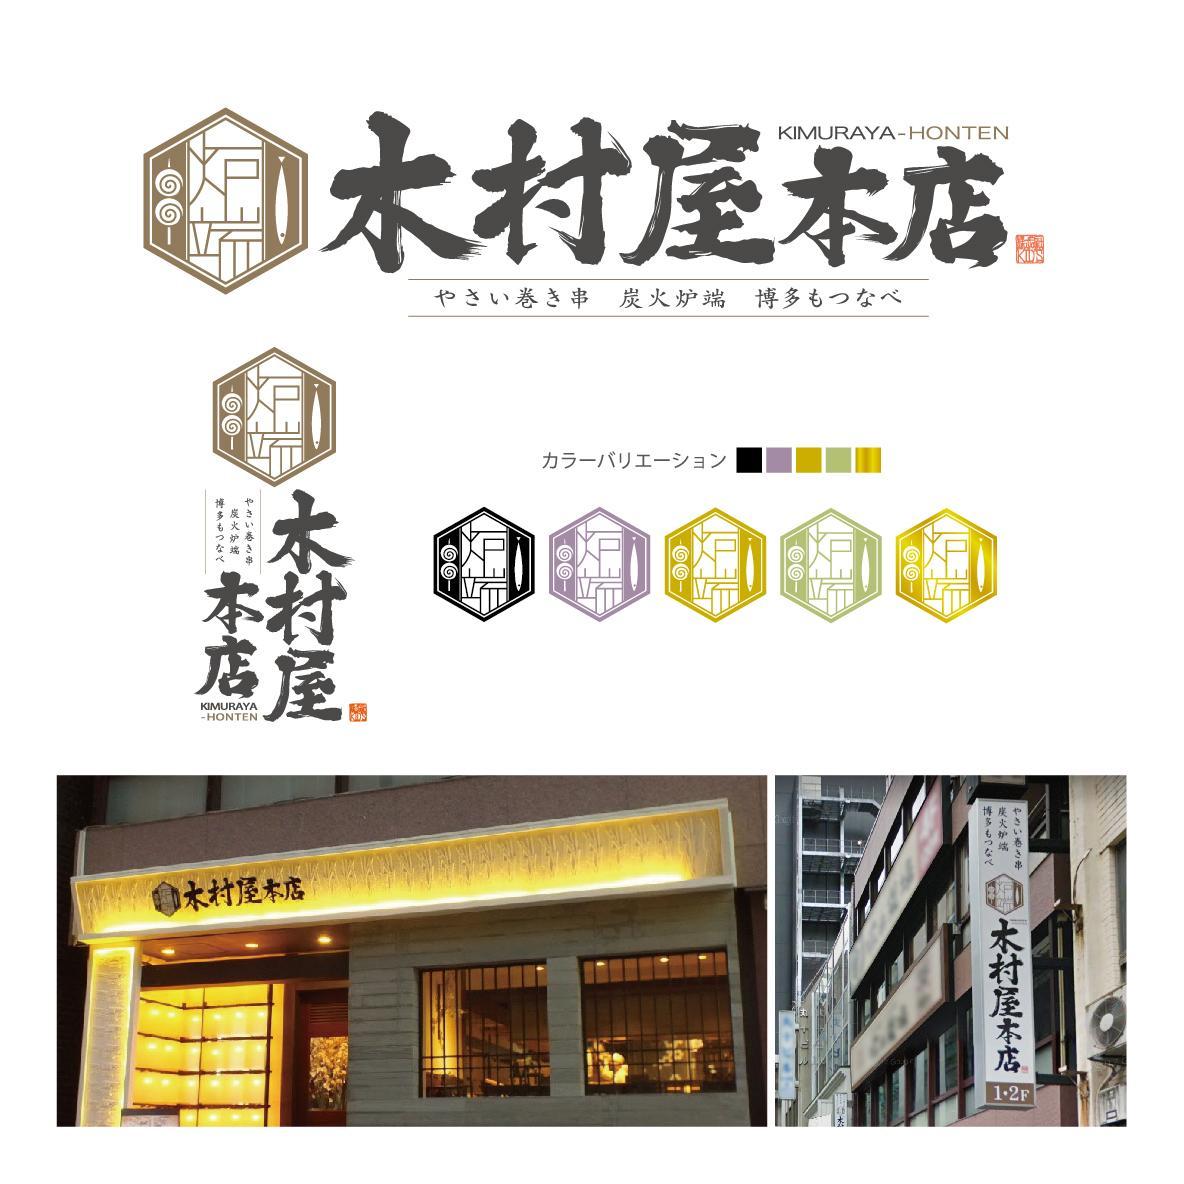 60%オフ!飲食店のプロが【店舗ロゴ】を制作します 【安心・高品質】自社店舗200店の販促実績とプロ品質。